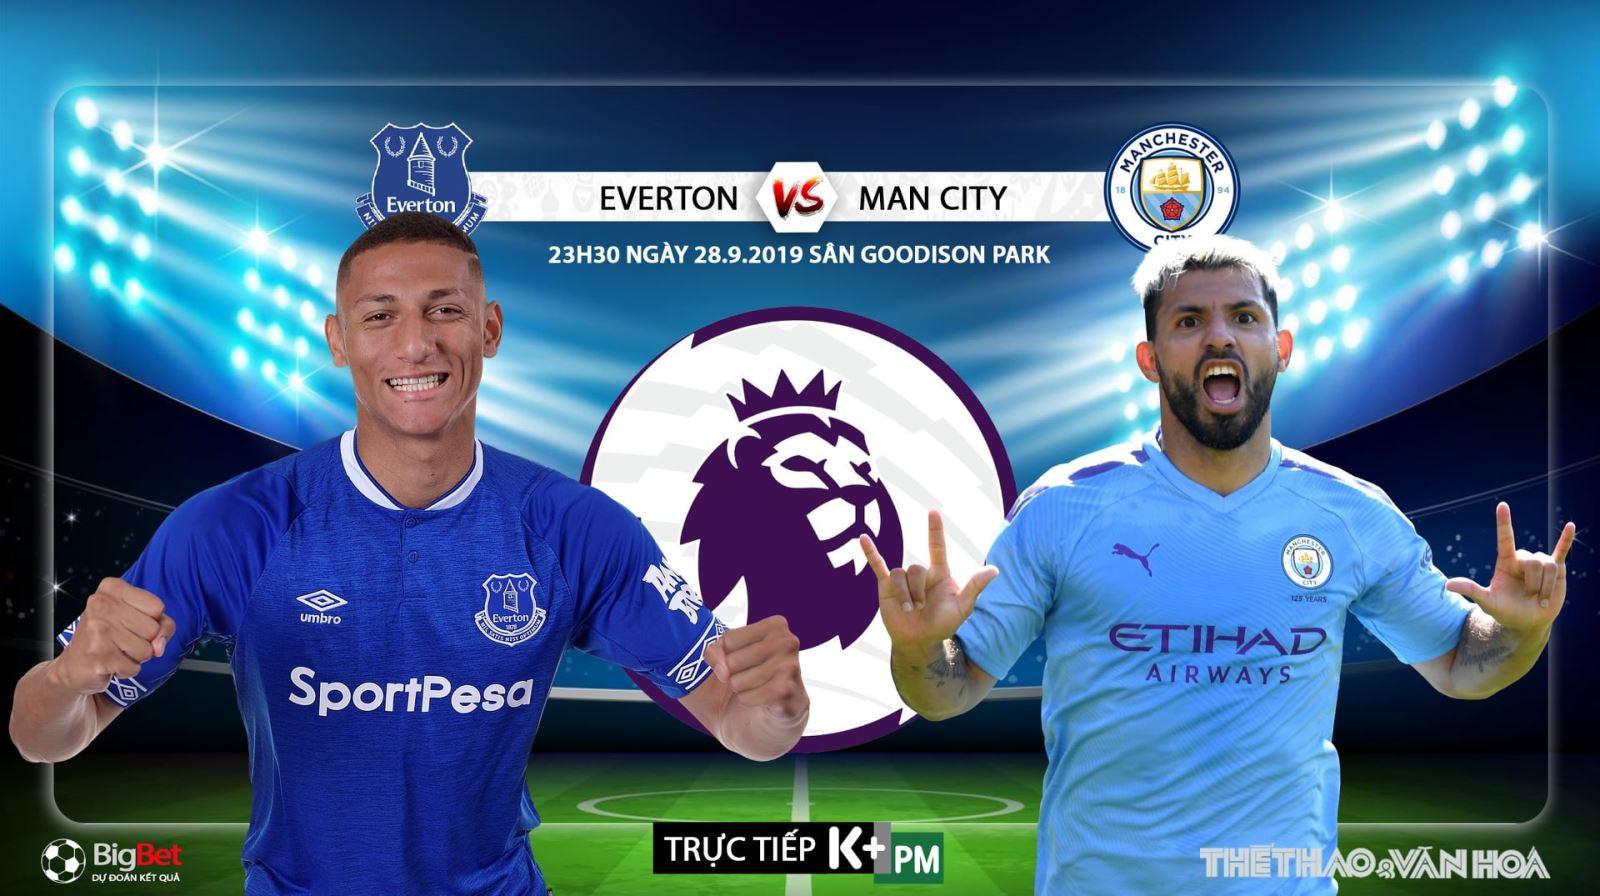 Soi kèo bóng đá: Everton đấu với Man City, Ngoại hạng Anh. Trực tiếp K+, K+ PM